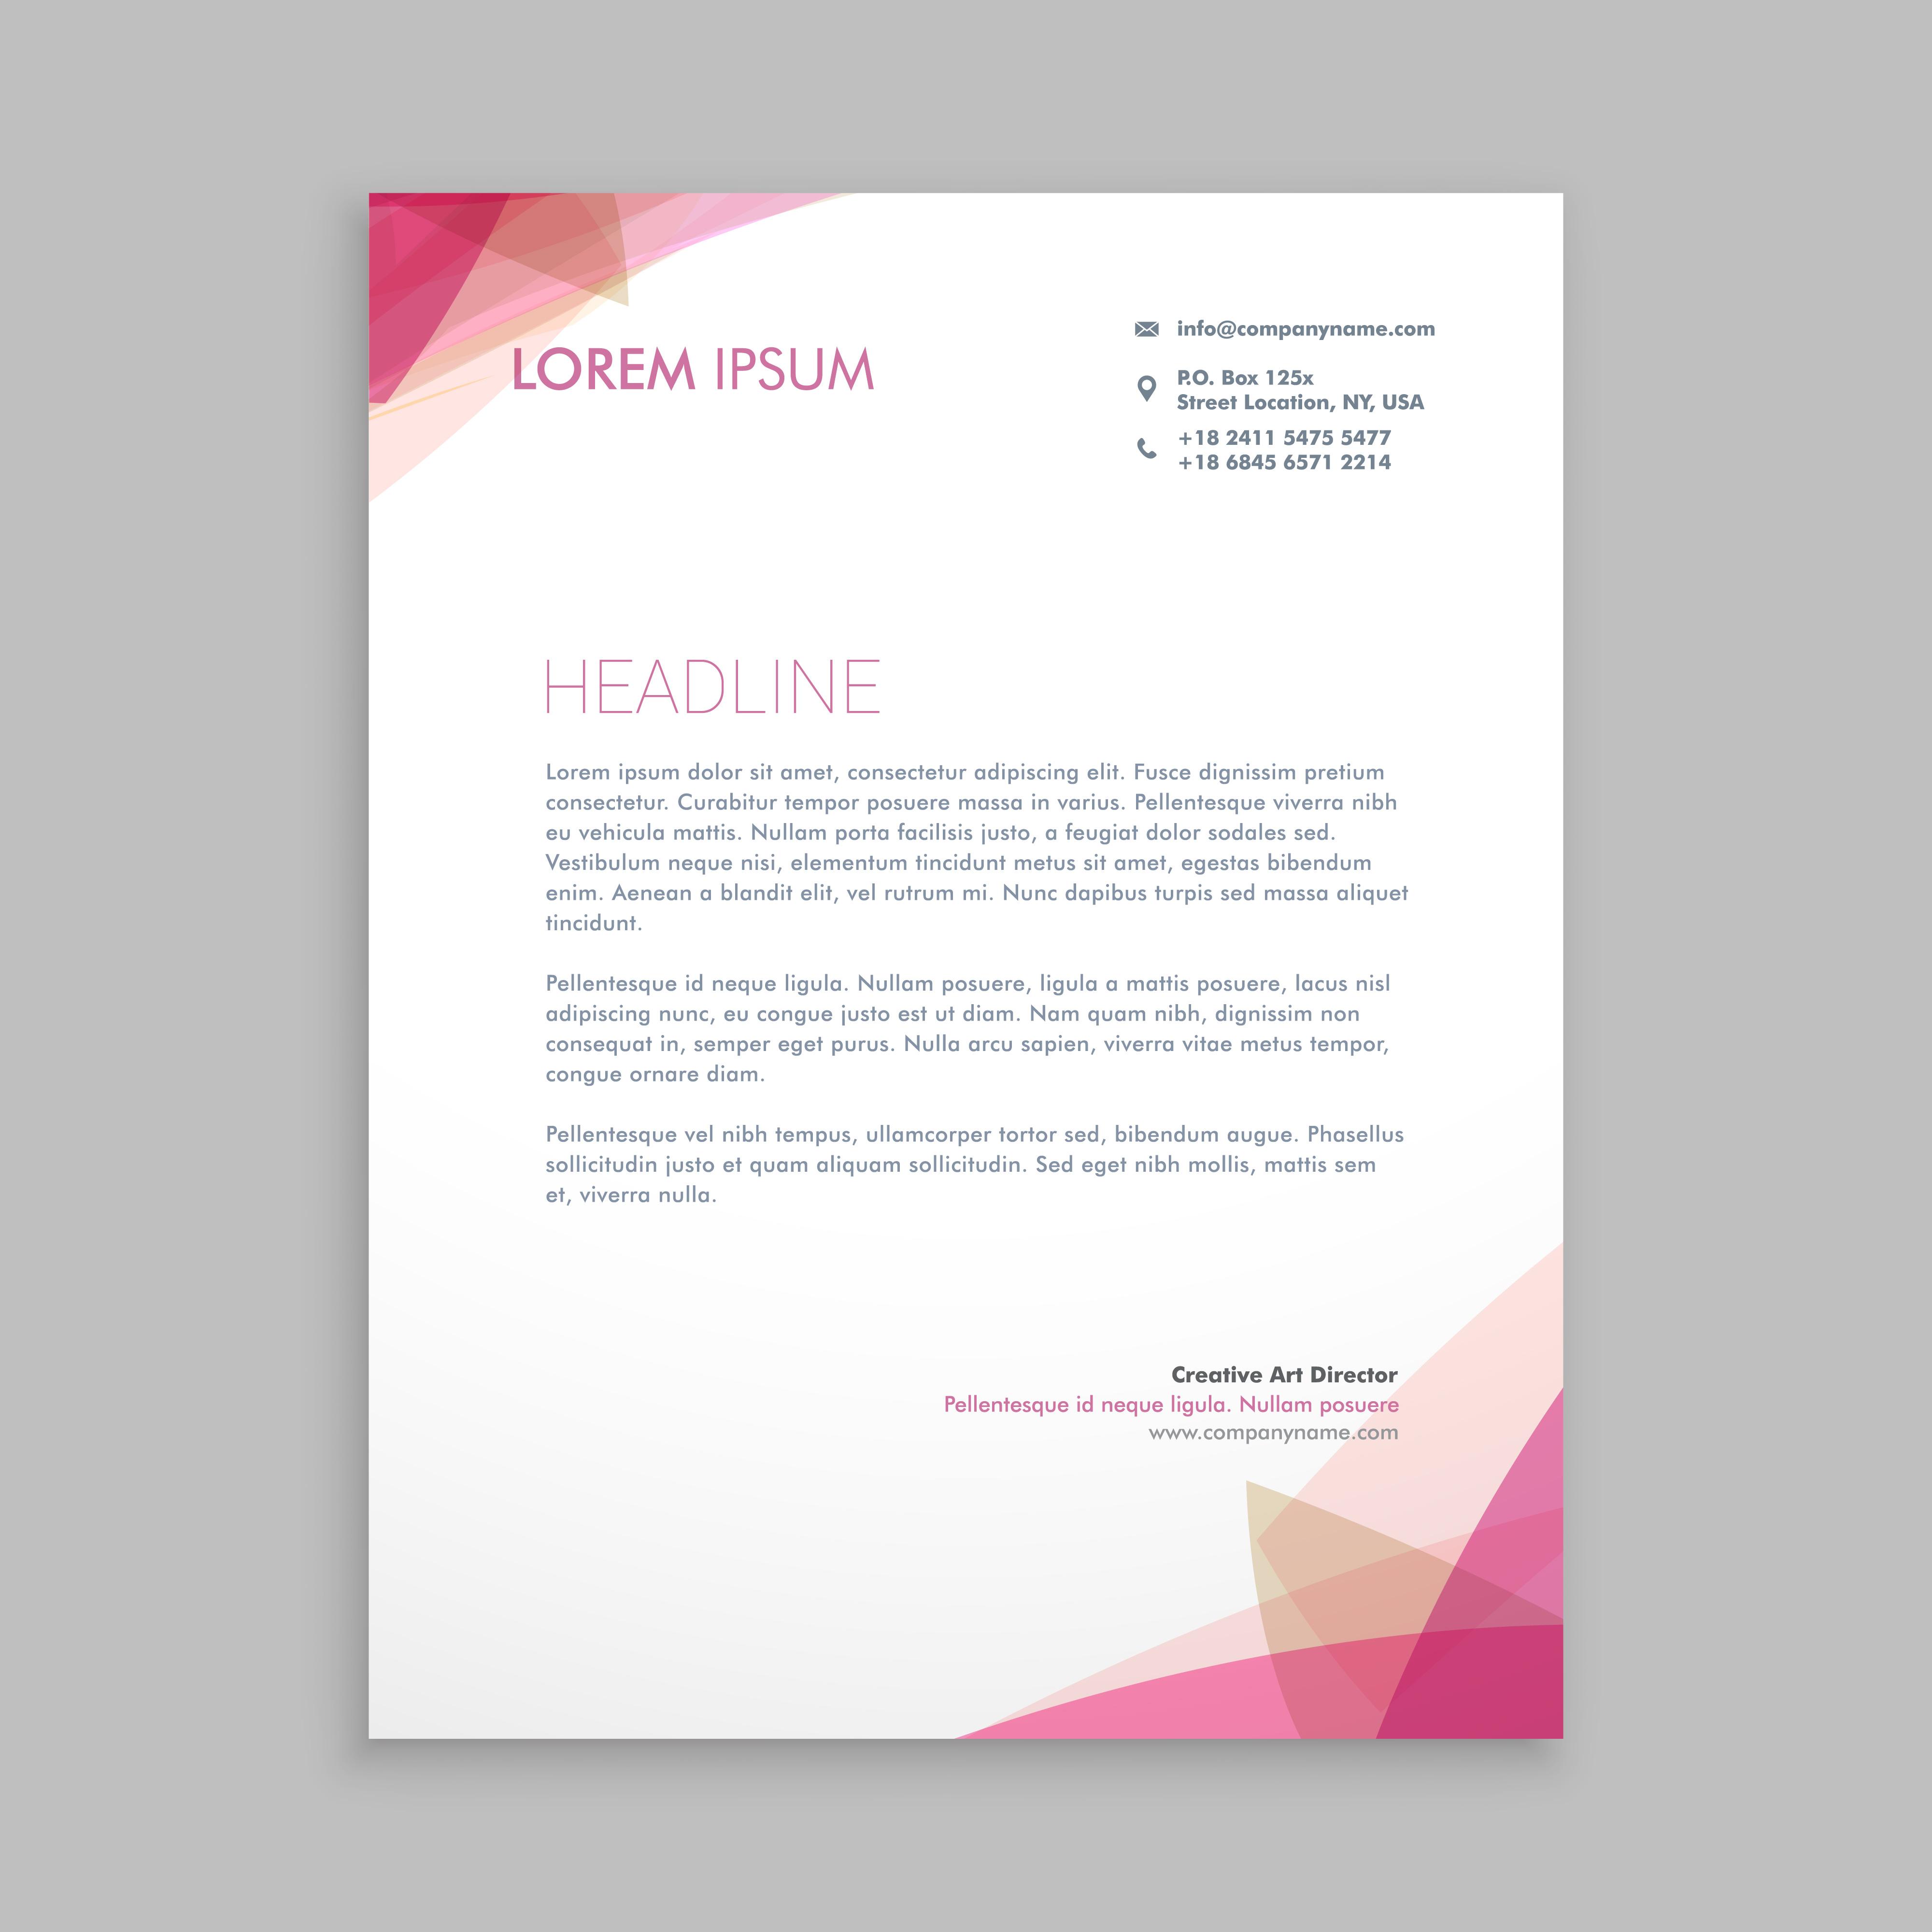 Letterhead Designs For Free: Letterhead Free Vector Art